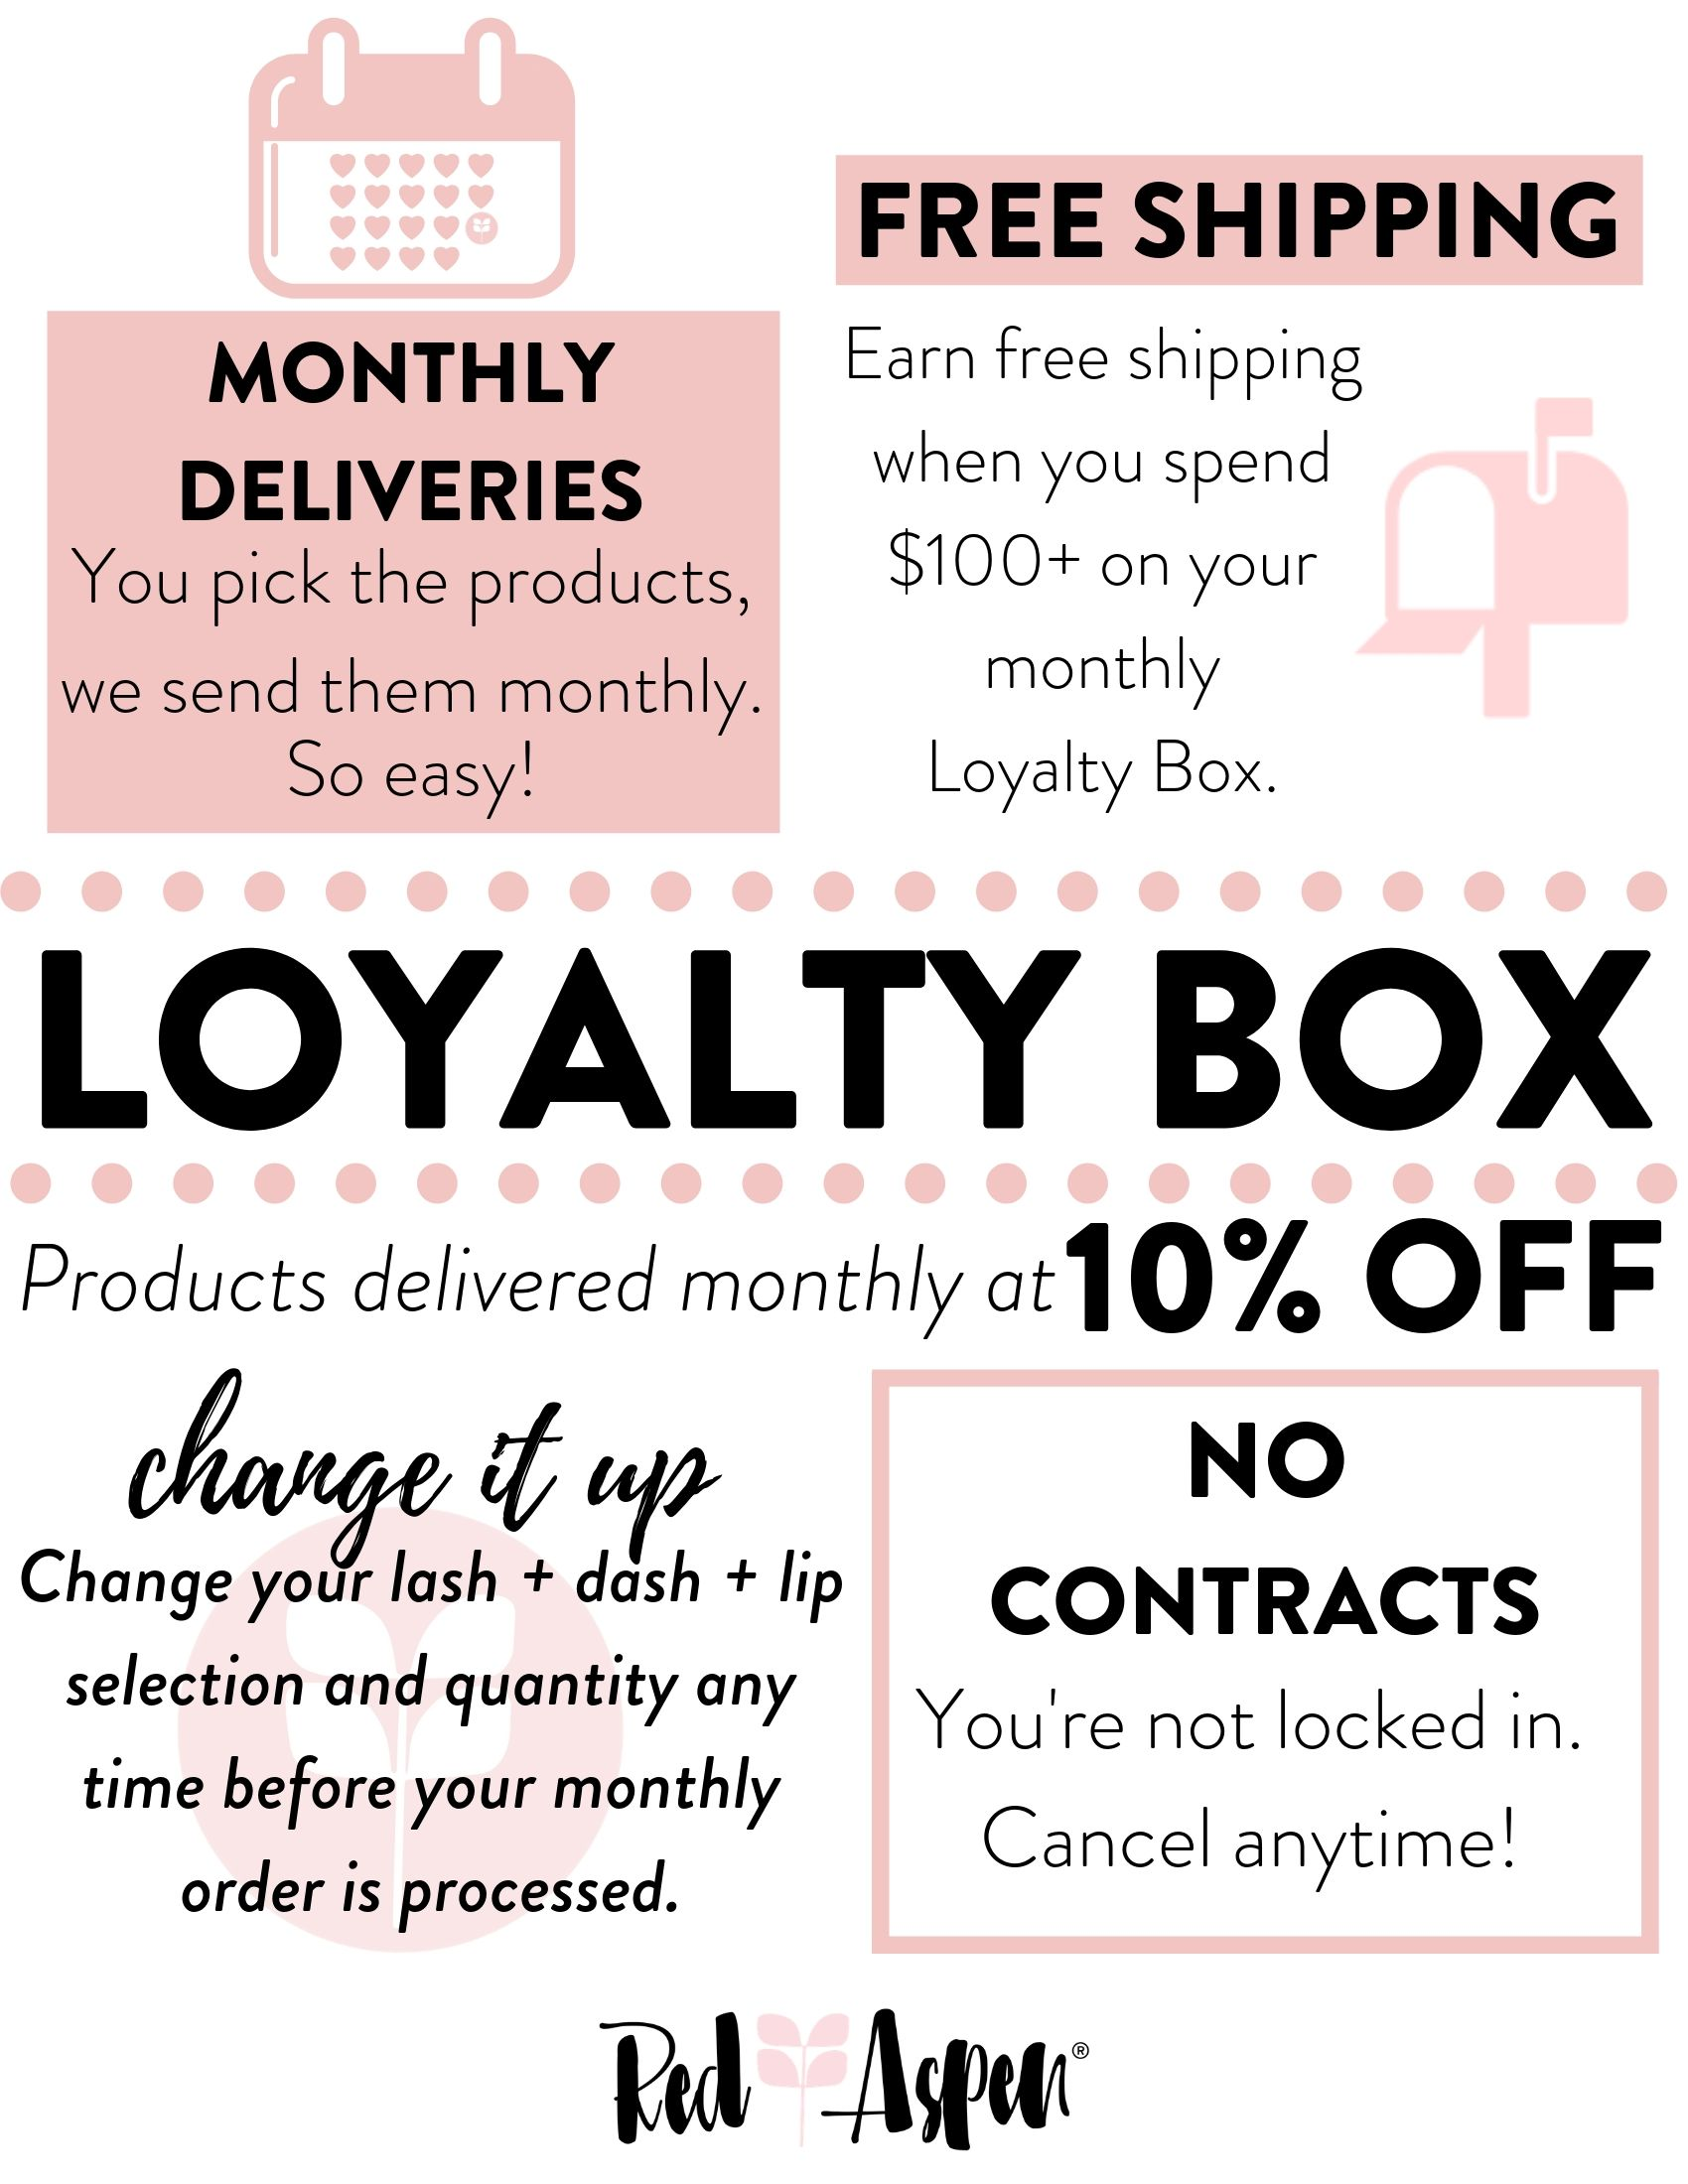 Loyalty Box Program -